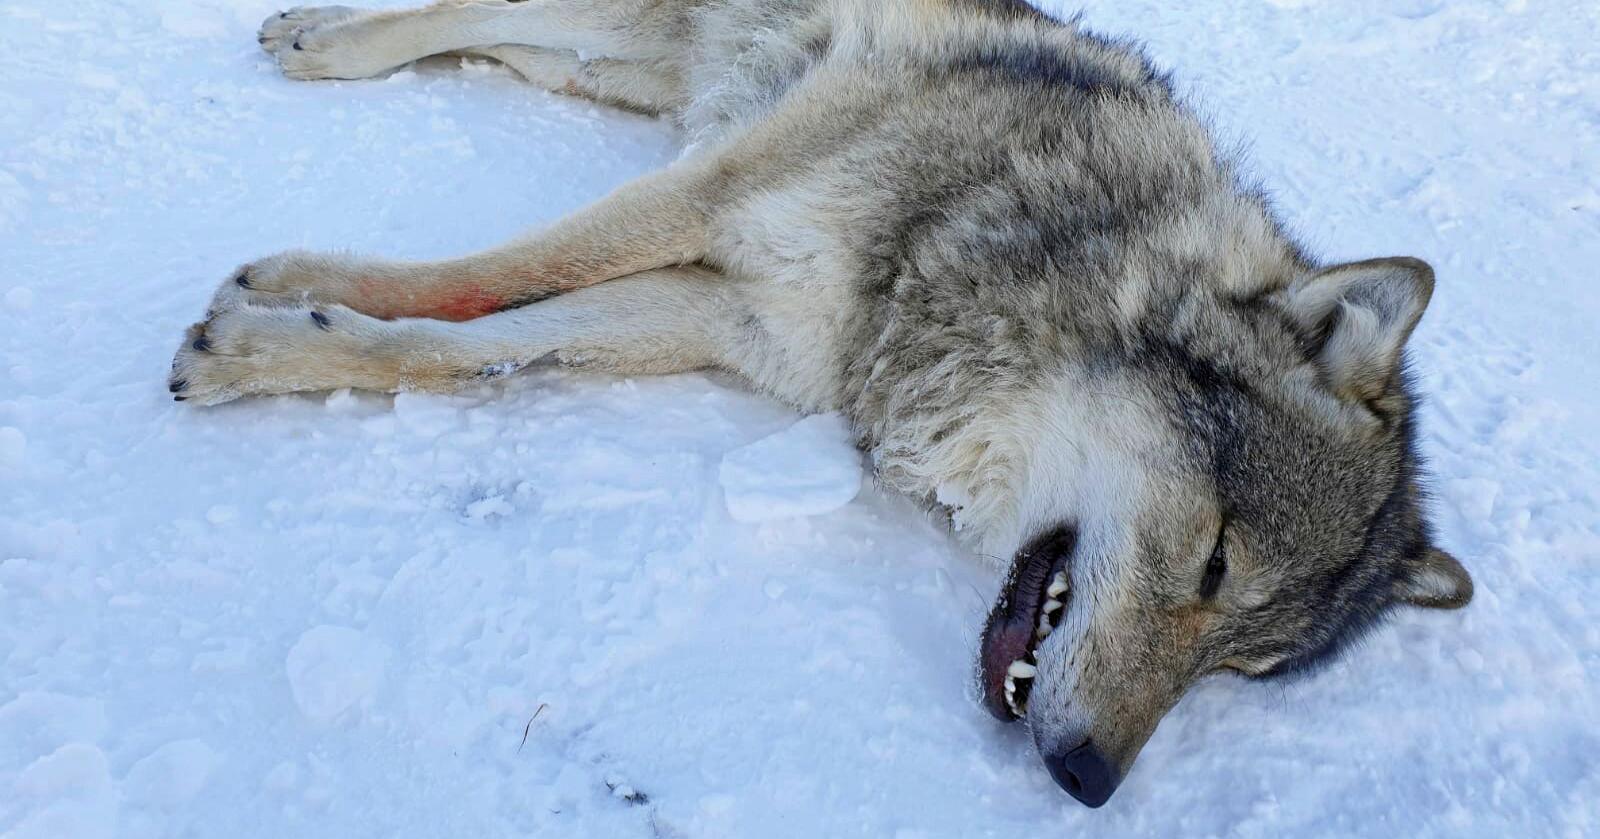 Ulv: En ulv som blir regnet som genetisk viktig blir merket og flyttet. Foto: Statens naturoppsyn/Miljødirektoratet / NTB scanpix